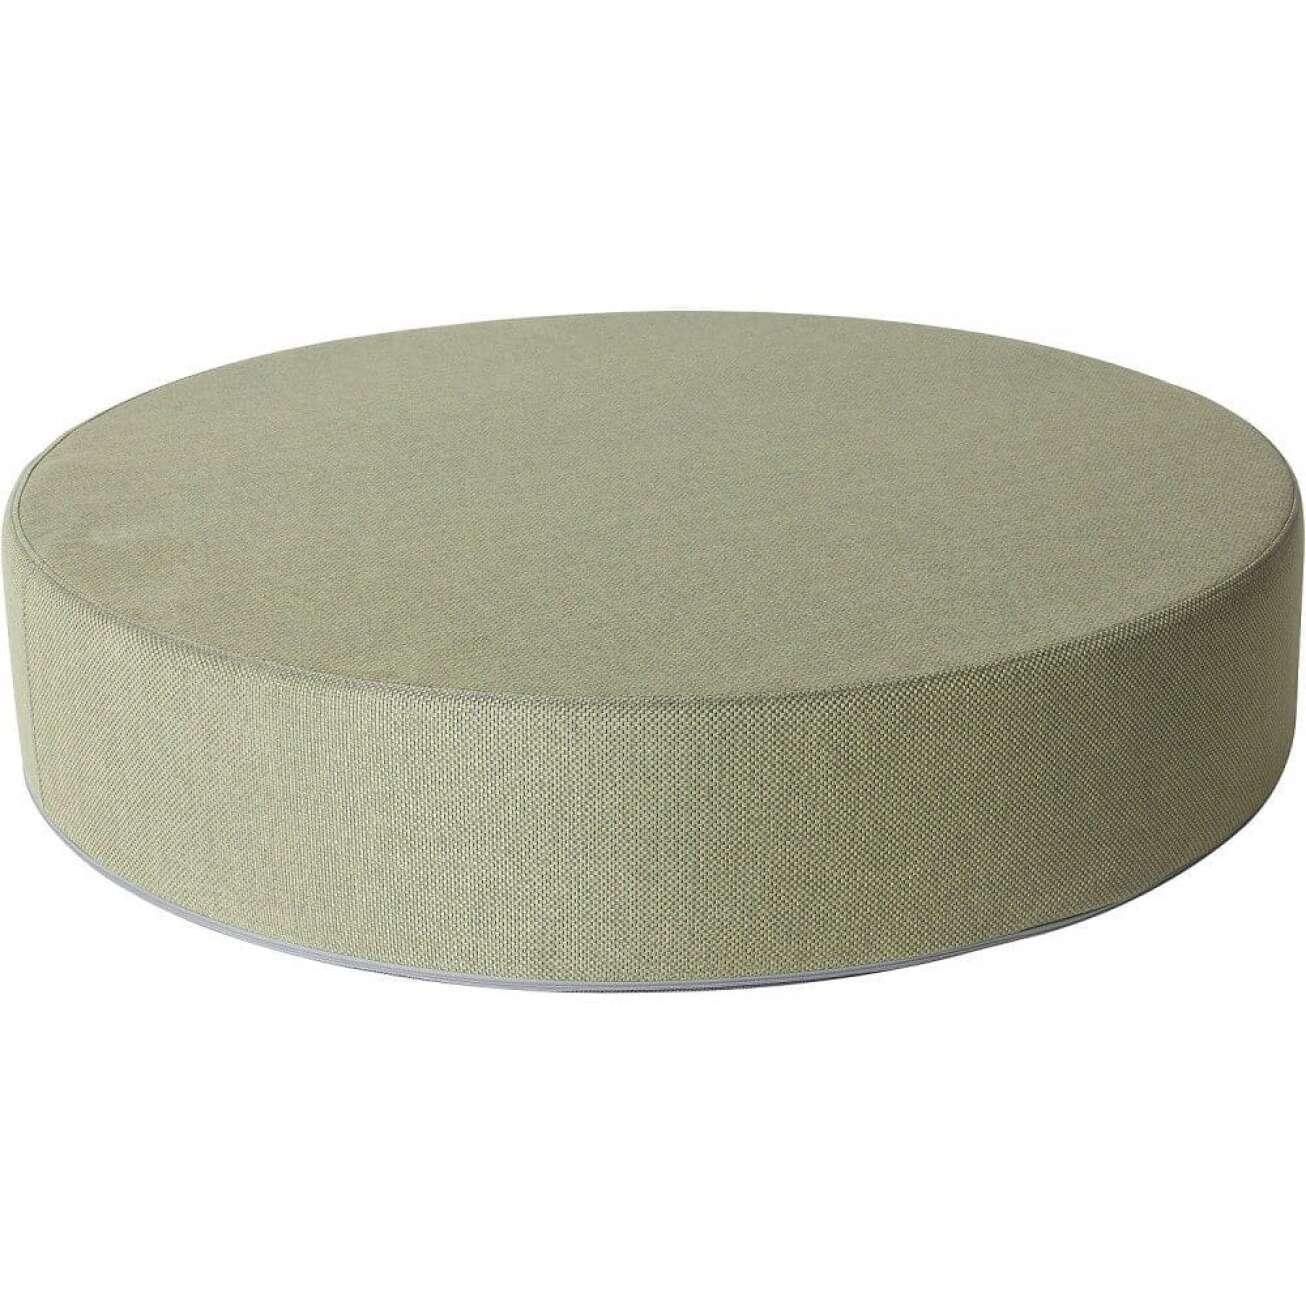 Sundays puff mama i grønn farge, diameter 80 cm